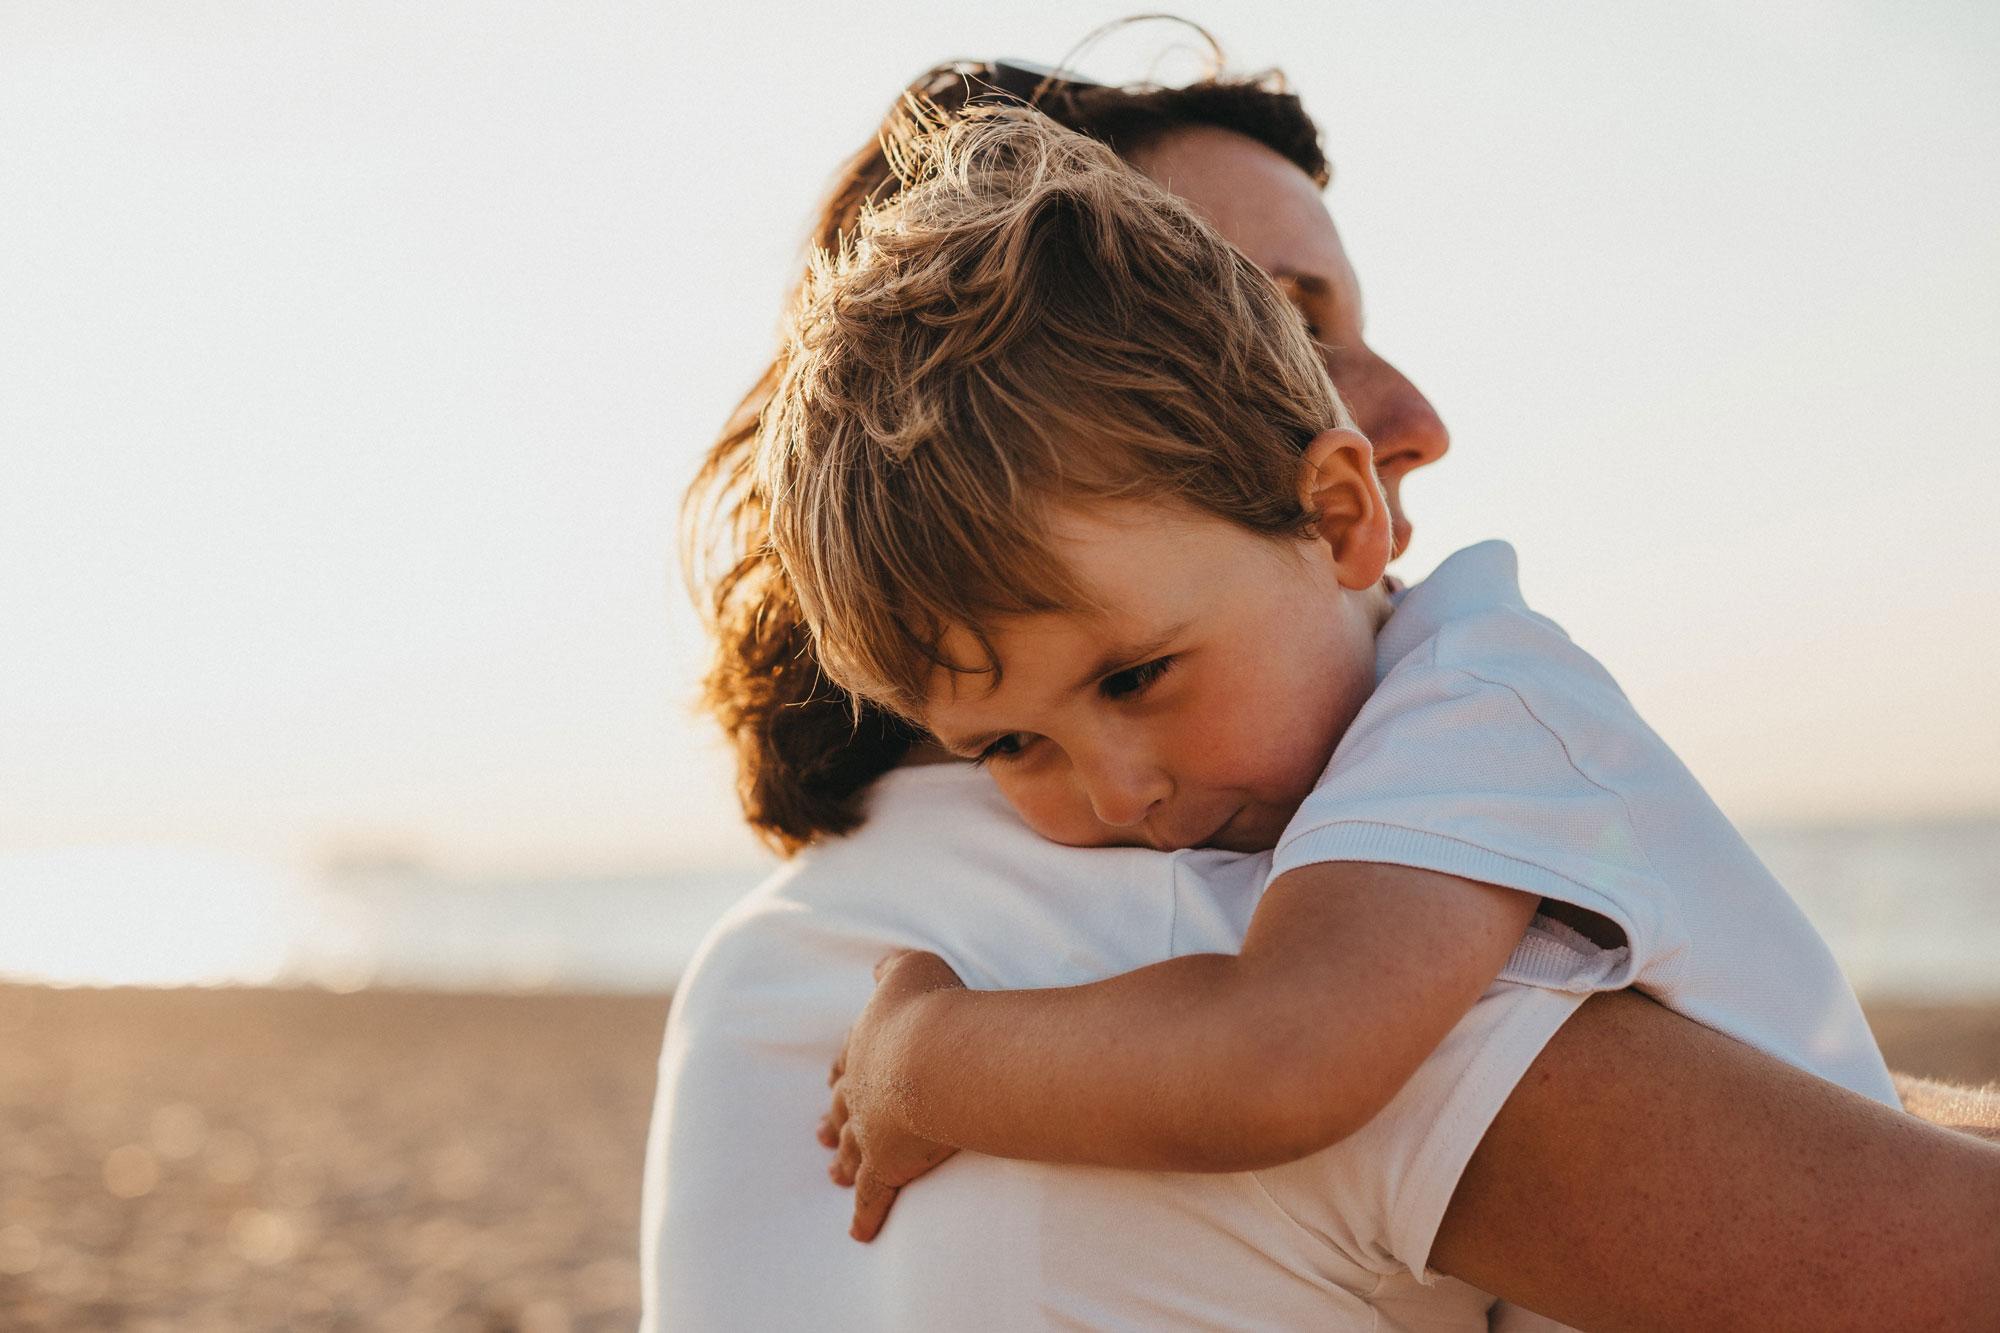 Séparation : nos 7 conseils pour éviter des souffrances inutiles à vos enfants